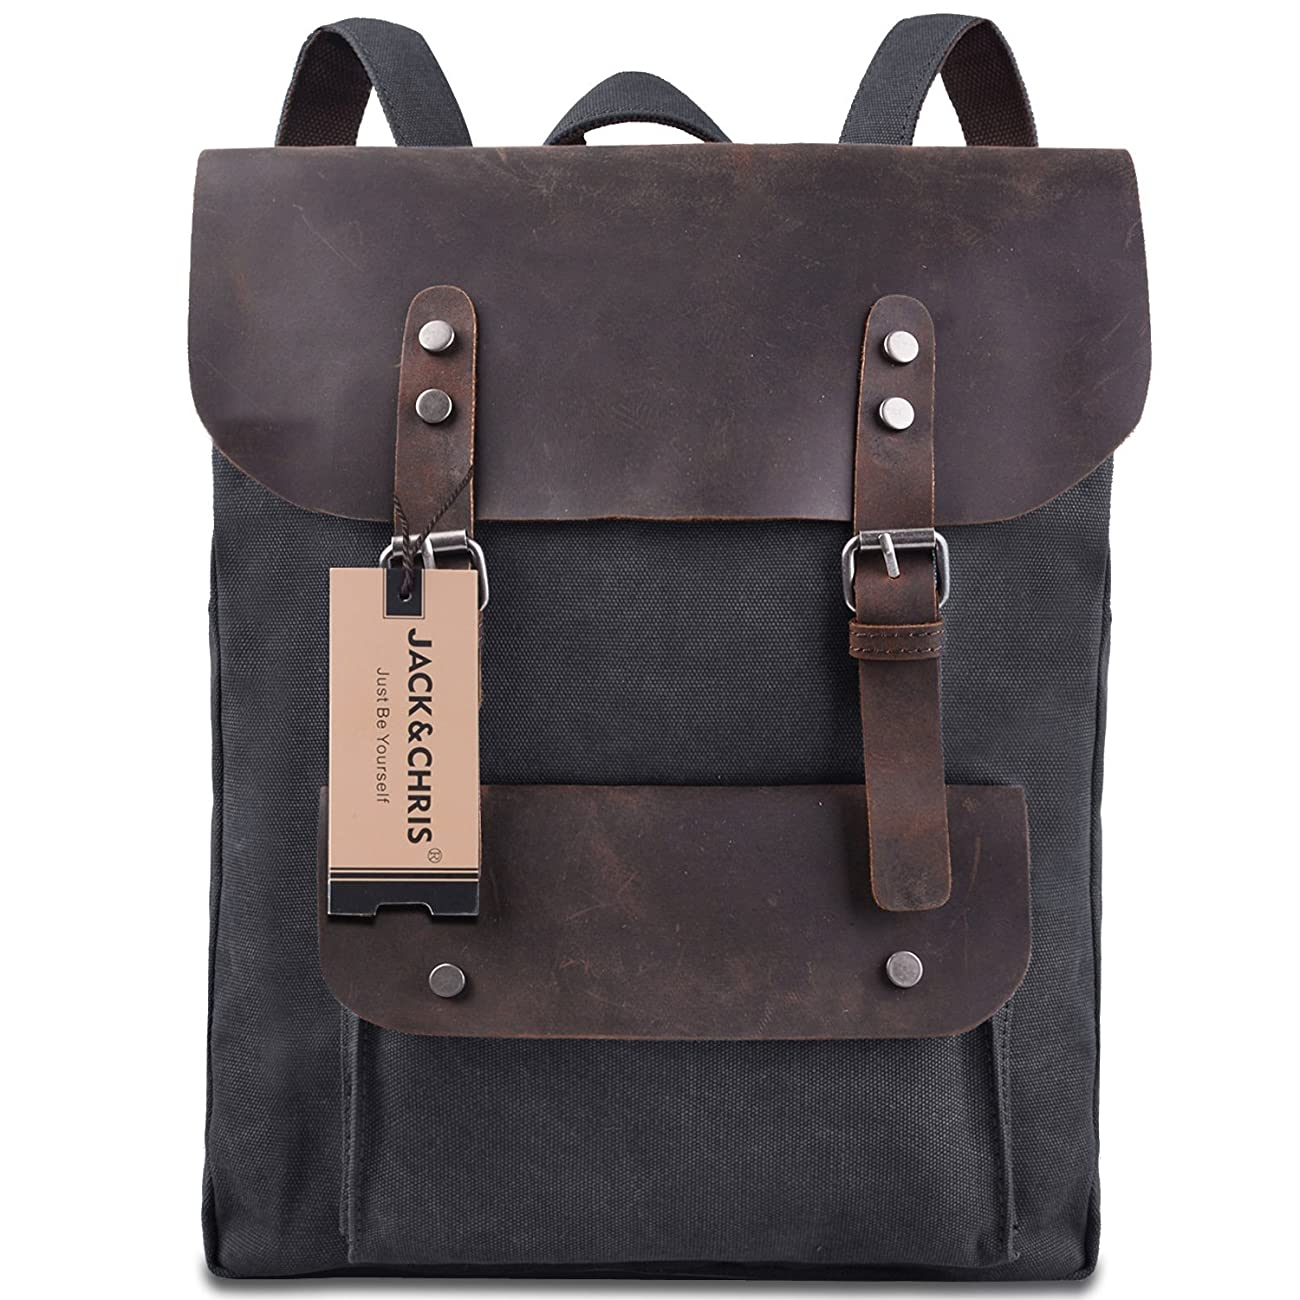 Jack&Chris Vintage Canvas Leather School Backpack Rucksack Bag Daypack,MC2166 0